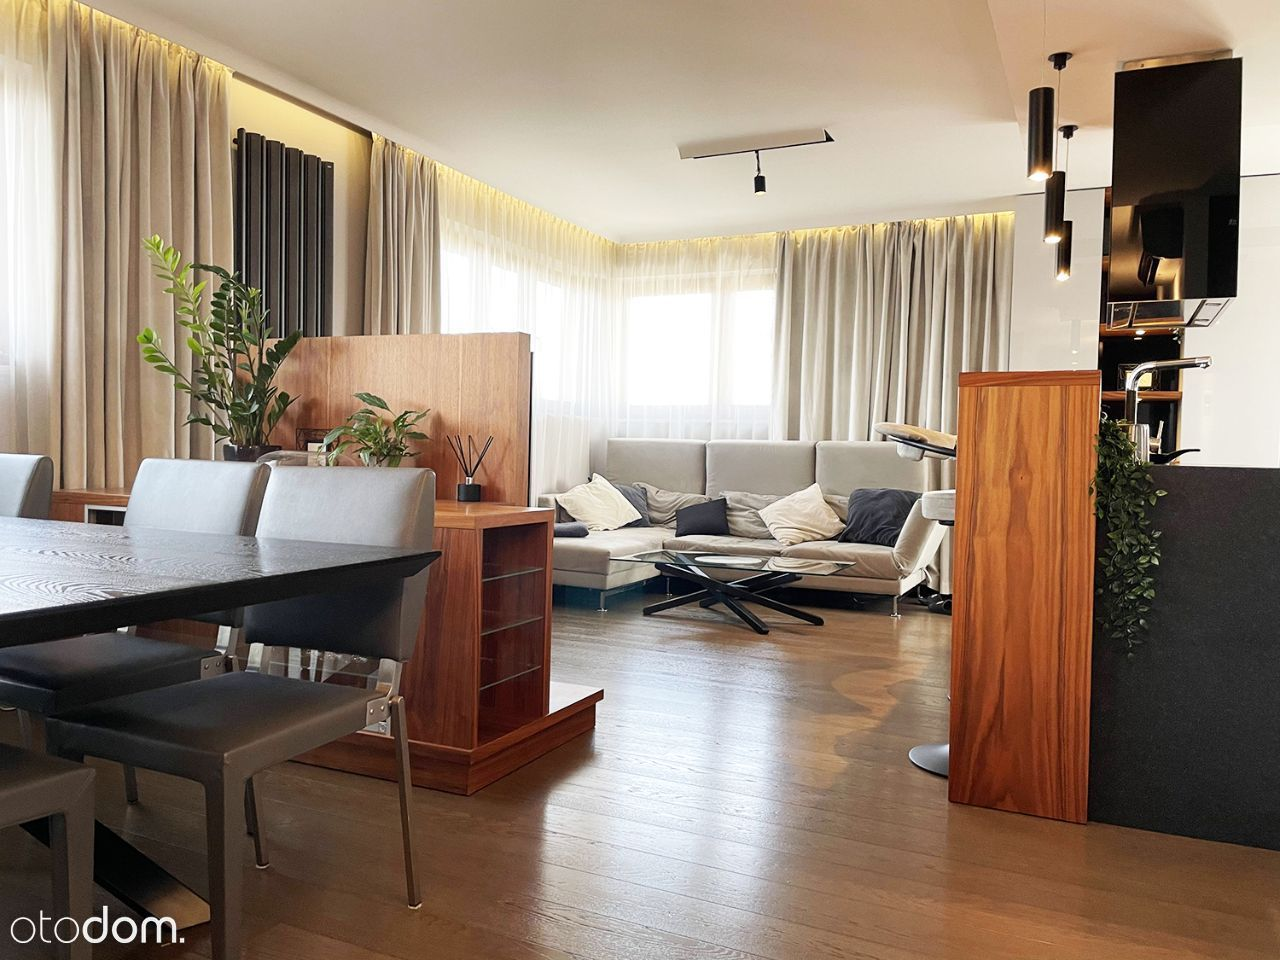 Luksusowy Penthouse Zabłocie, realne zdjęcia